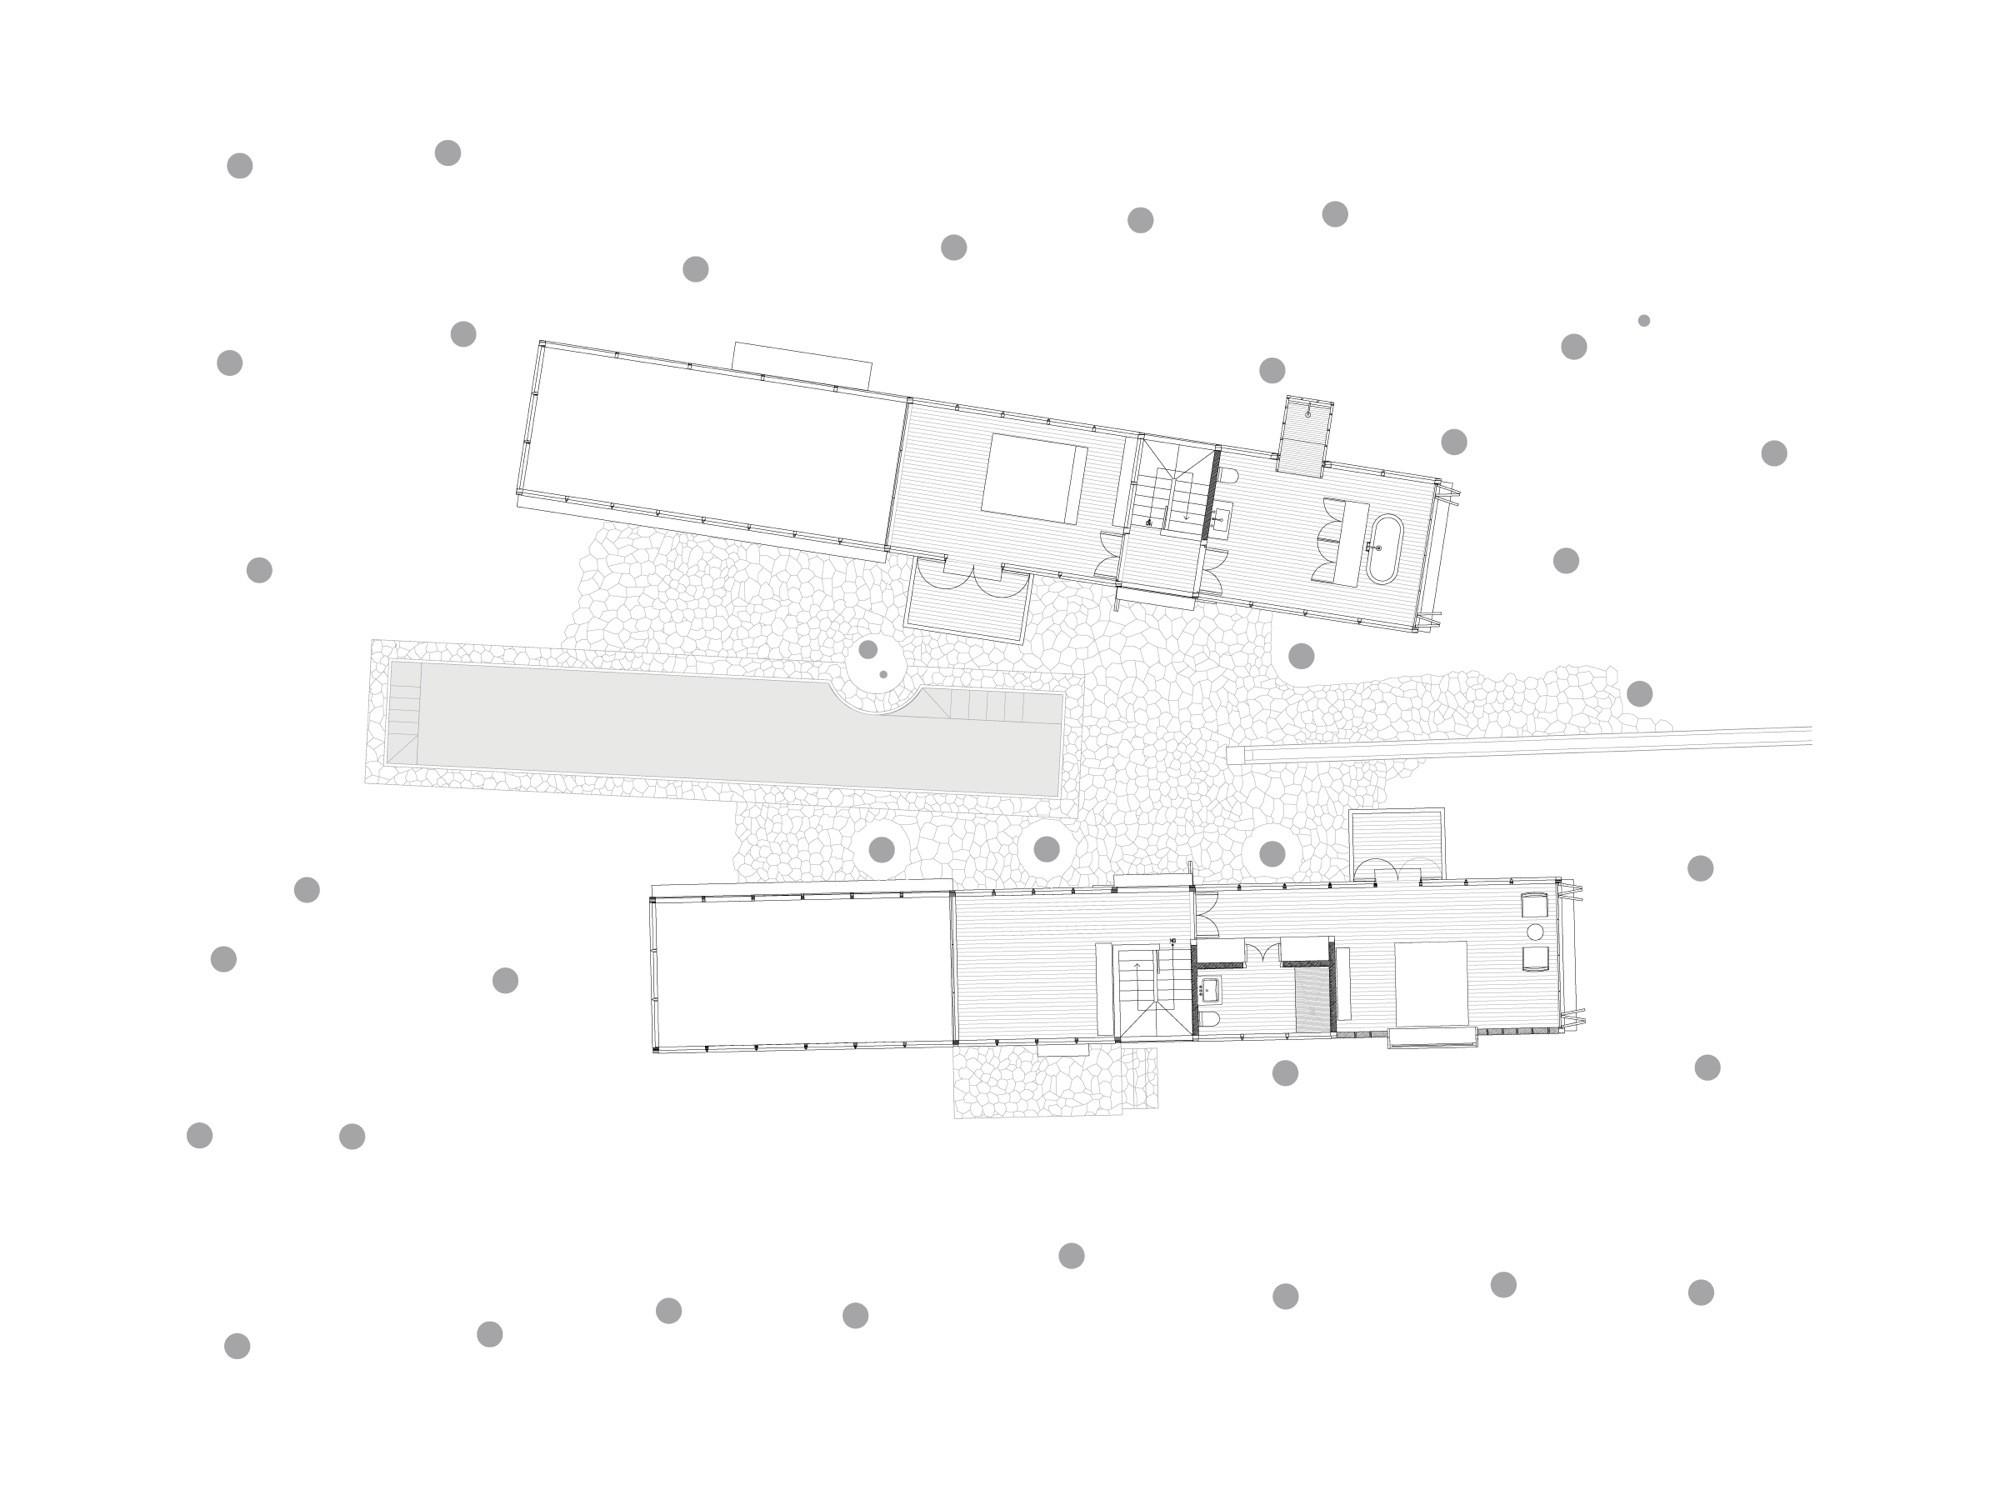 palmyra-house_02drawings